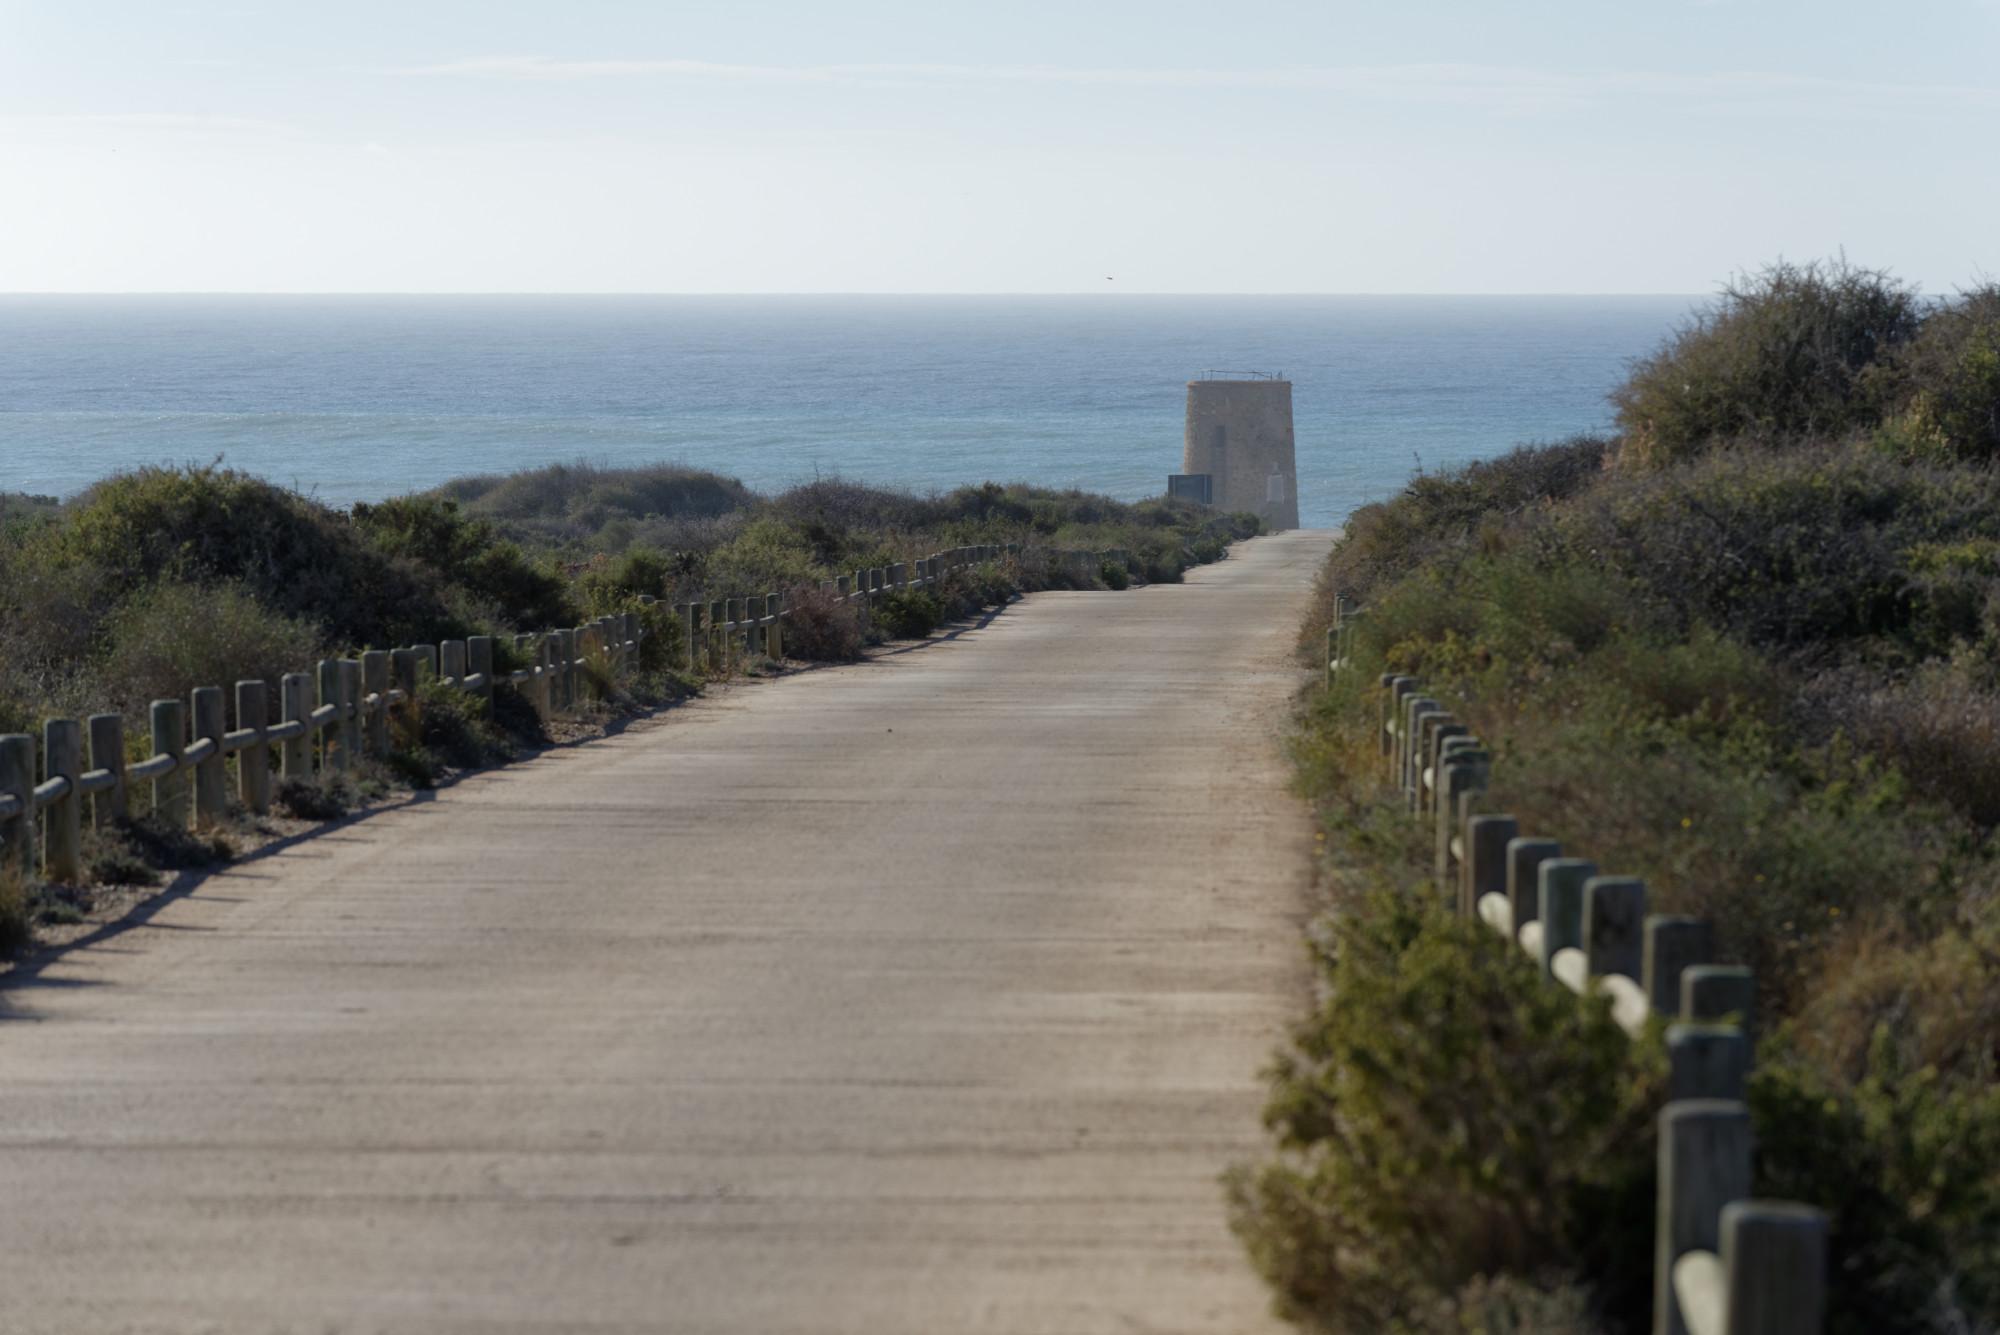 171215-Playa de Torre Garcia y de las Amoladeras (Cabo de Gata - Andalousie) (7)